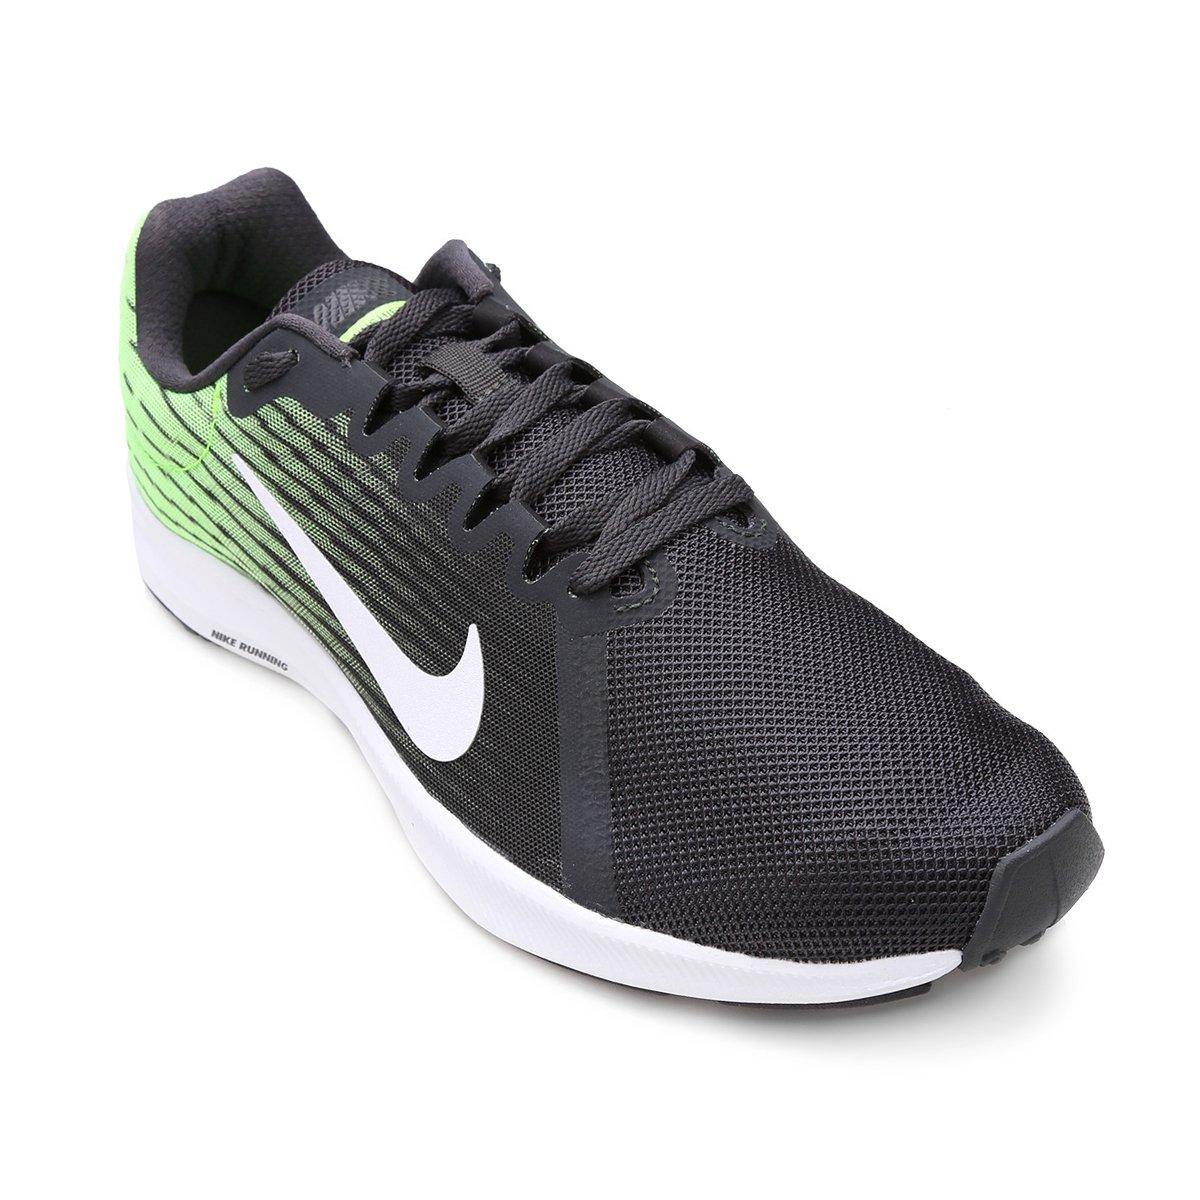 318c8f96ec Tênis Nike Downshifter 8 Masculino - Preto e verde - Compre Agora ...